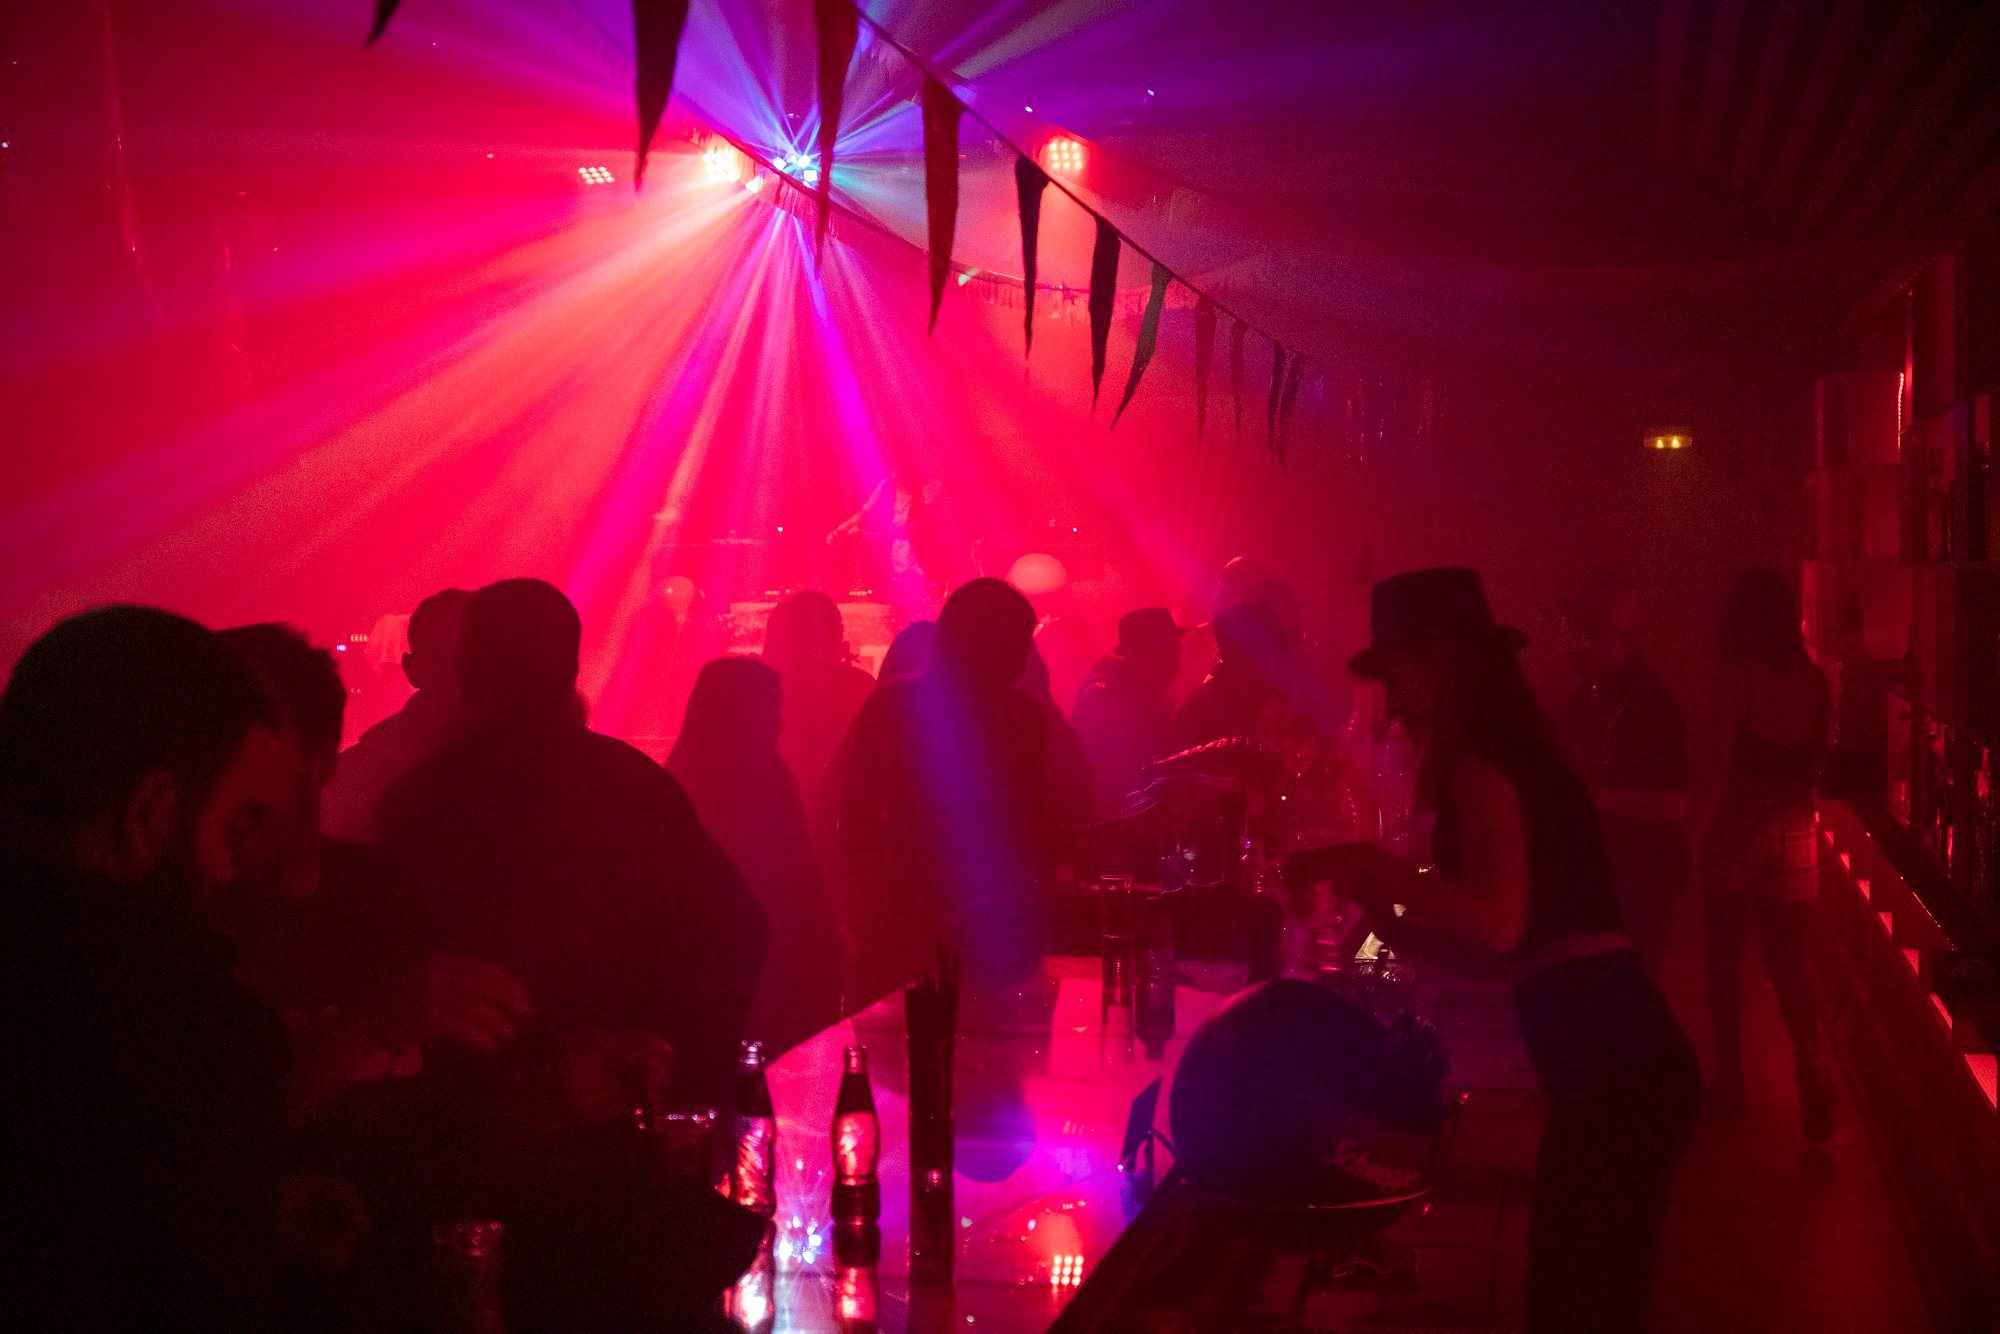 La noche de Reyes regresa el evento 'Teatro Le Cirque du Freak' 3